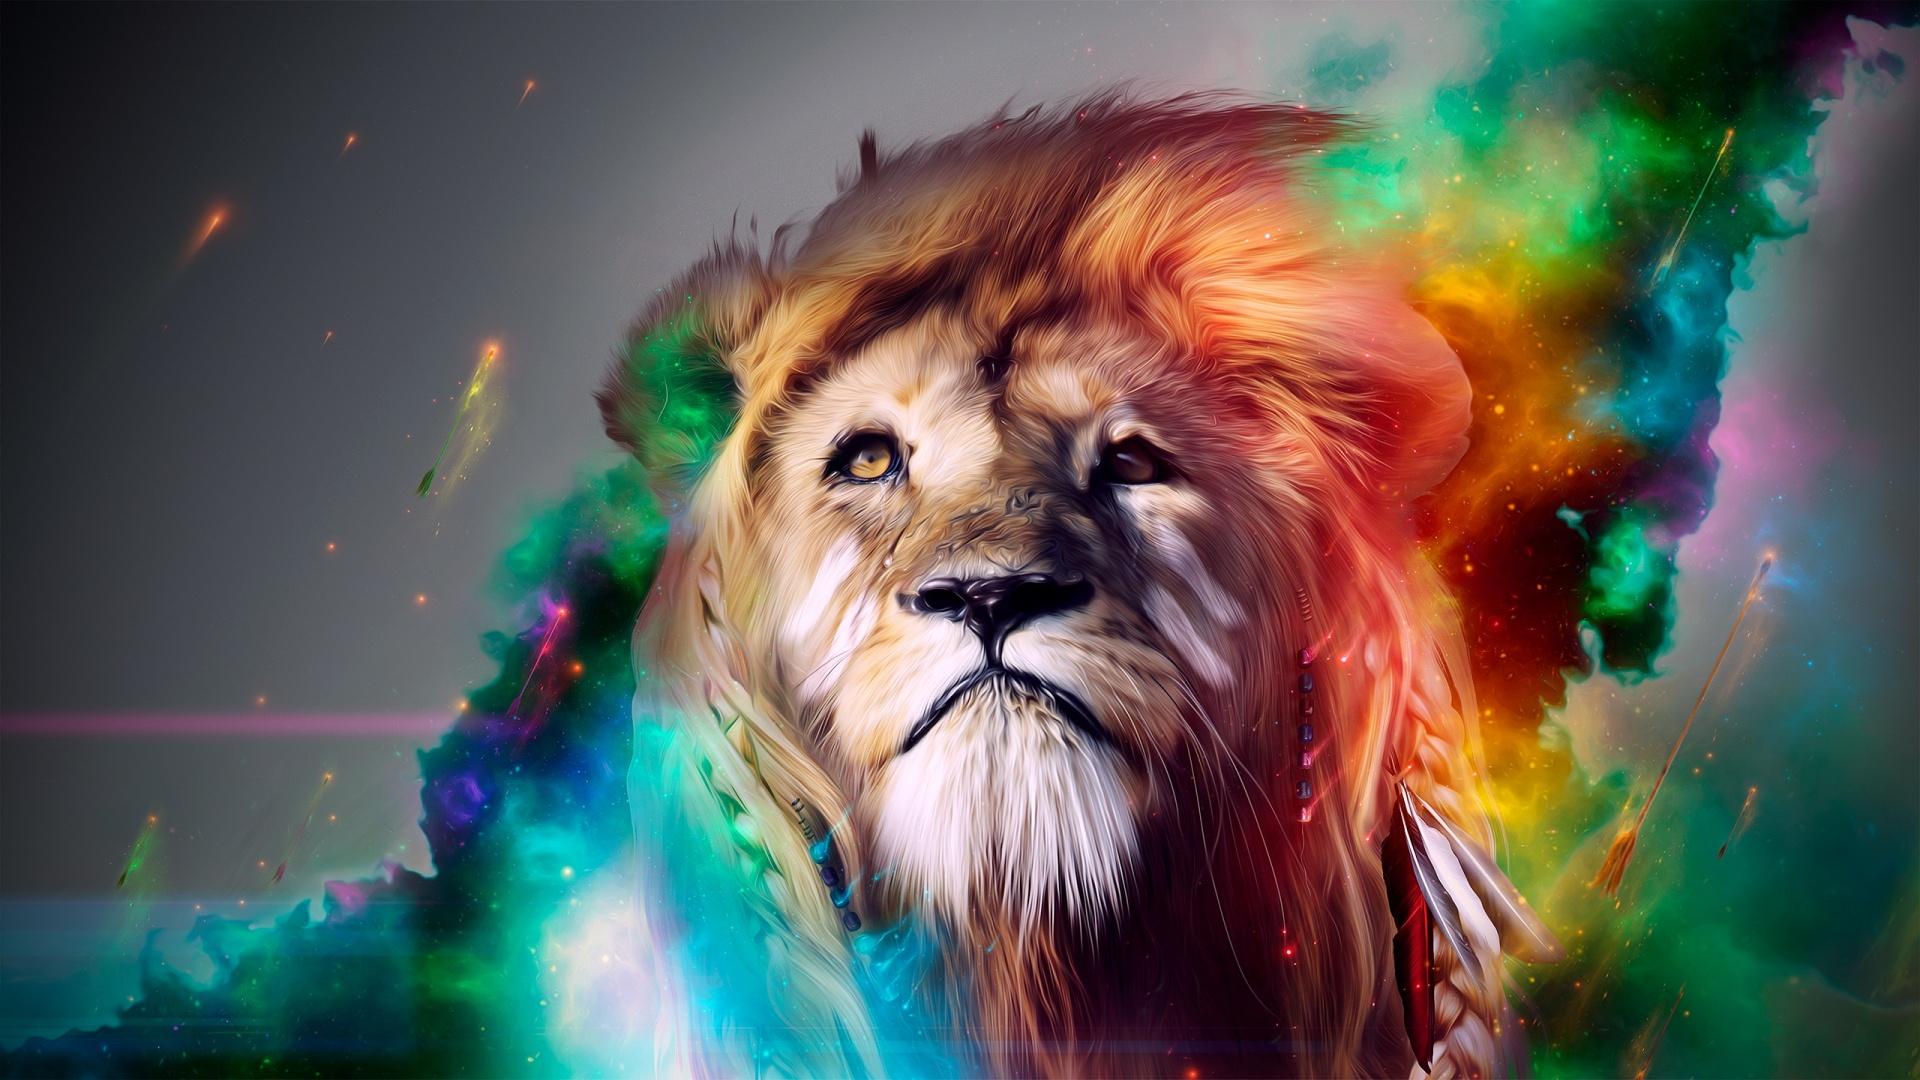 Cool Lion Art Wallpaper Widescreen 13012 Wallpaper WallpaperLepi 1920x1080